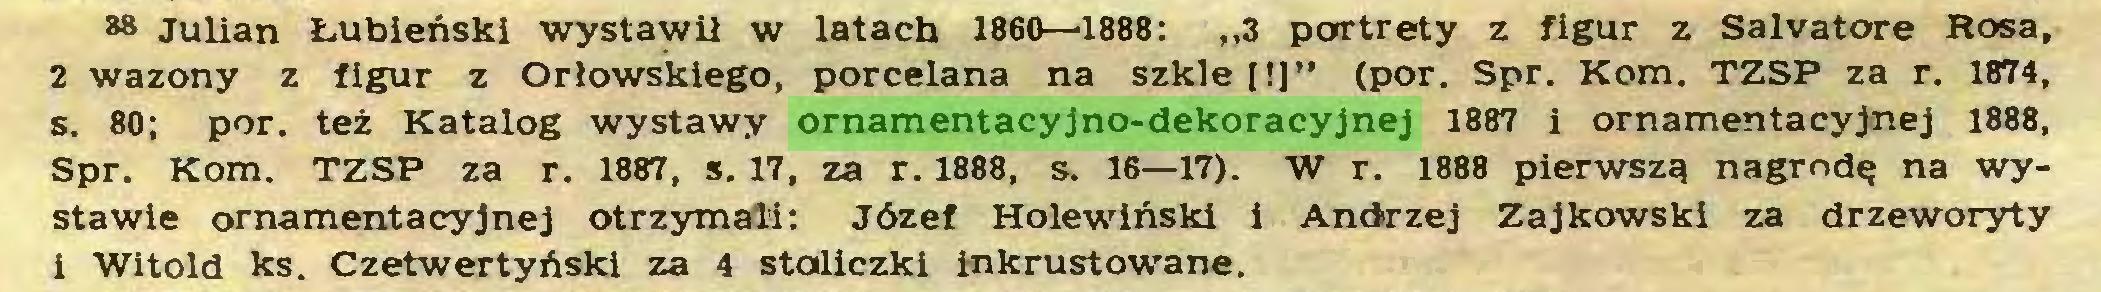 """(...) *8 Julian Łubieński wystawił w latach 1860—1888: """"3 portrety z figur z Salvatore Rosa, 2 wazony z figur z Orłowskiego, porcelana na szkle [!]"""" (por. Spr. Kom. TZSP za r. 1874, s. 80; por. też Katalog wystawy ornamentacyjno-dekoracyjnej 1887 i ornamentacyjnej 1888, Spr. Kom. TZSP za r. 1887, s. 17, za r. 1888, s. 16—17). W r. 1888 pierwszą nagrodę na wystawie ornamentacyjnej otrzymali: Józef Holewiński i Andrzej Zajkowski za drzeworyty i Witold ks. Czetwertyński za 4 stodiczki inkrustowane..."""